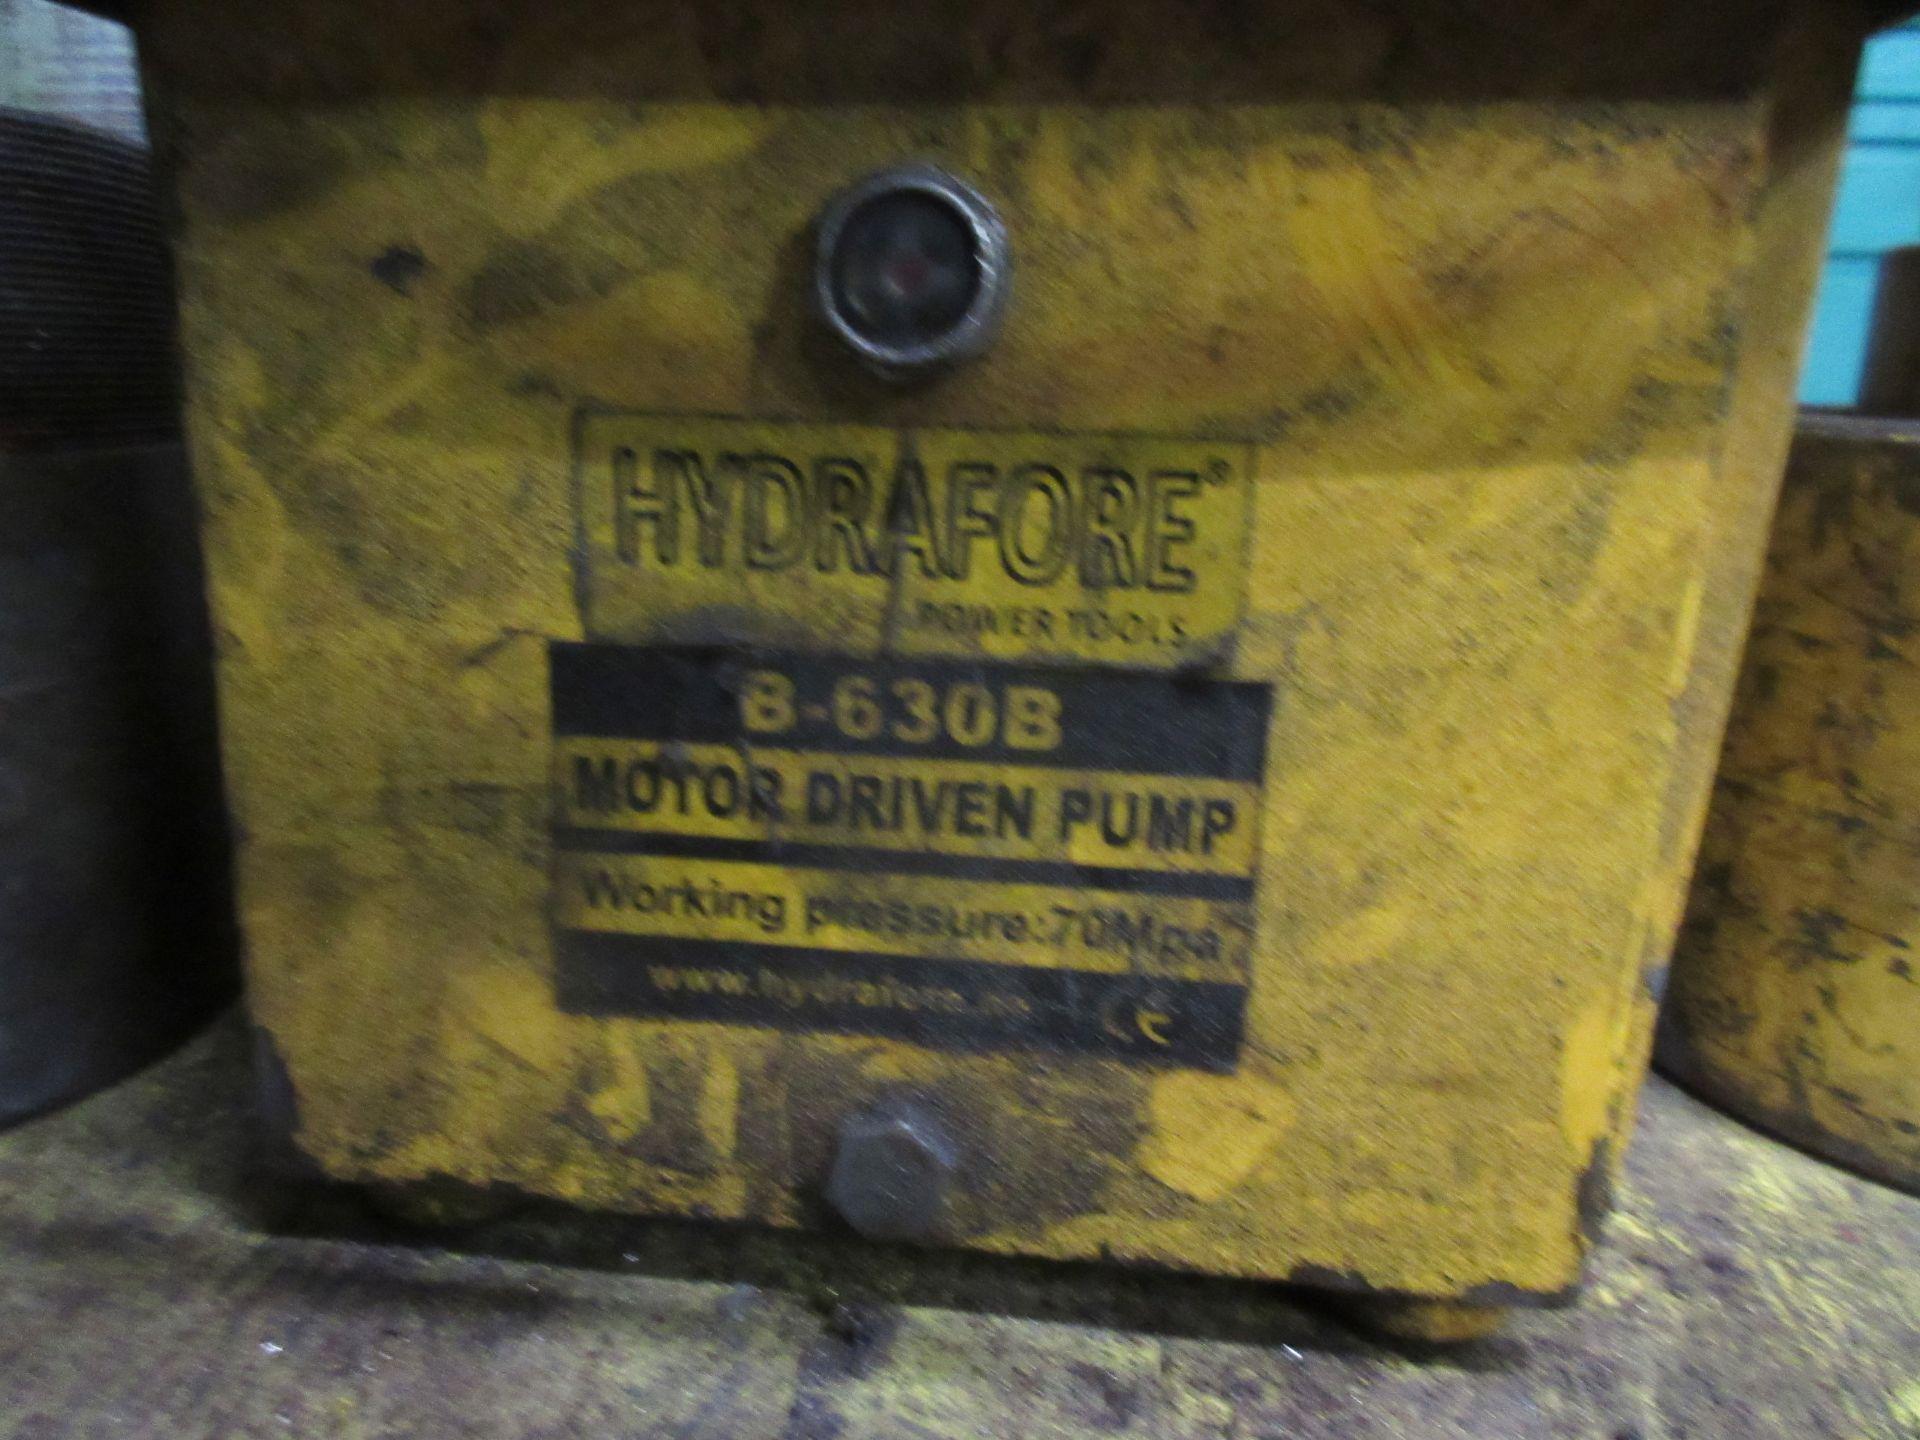 (1) Hydrafore B-630B Hyd. Unit - Image 2 of 2